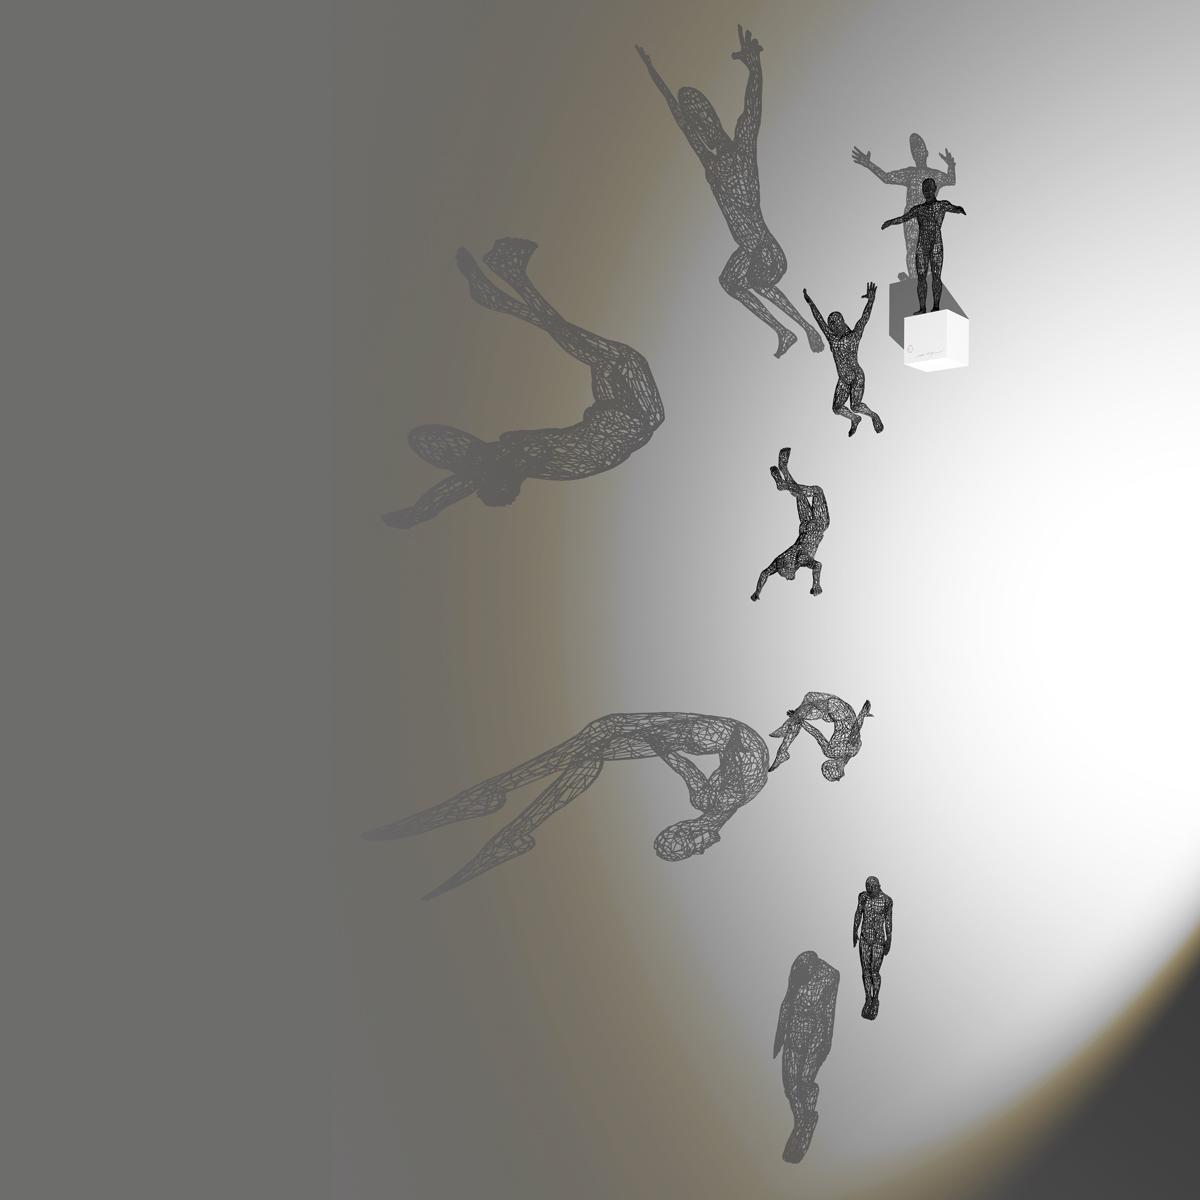 Jumper 3